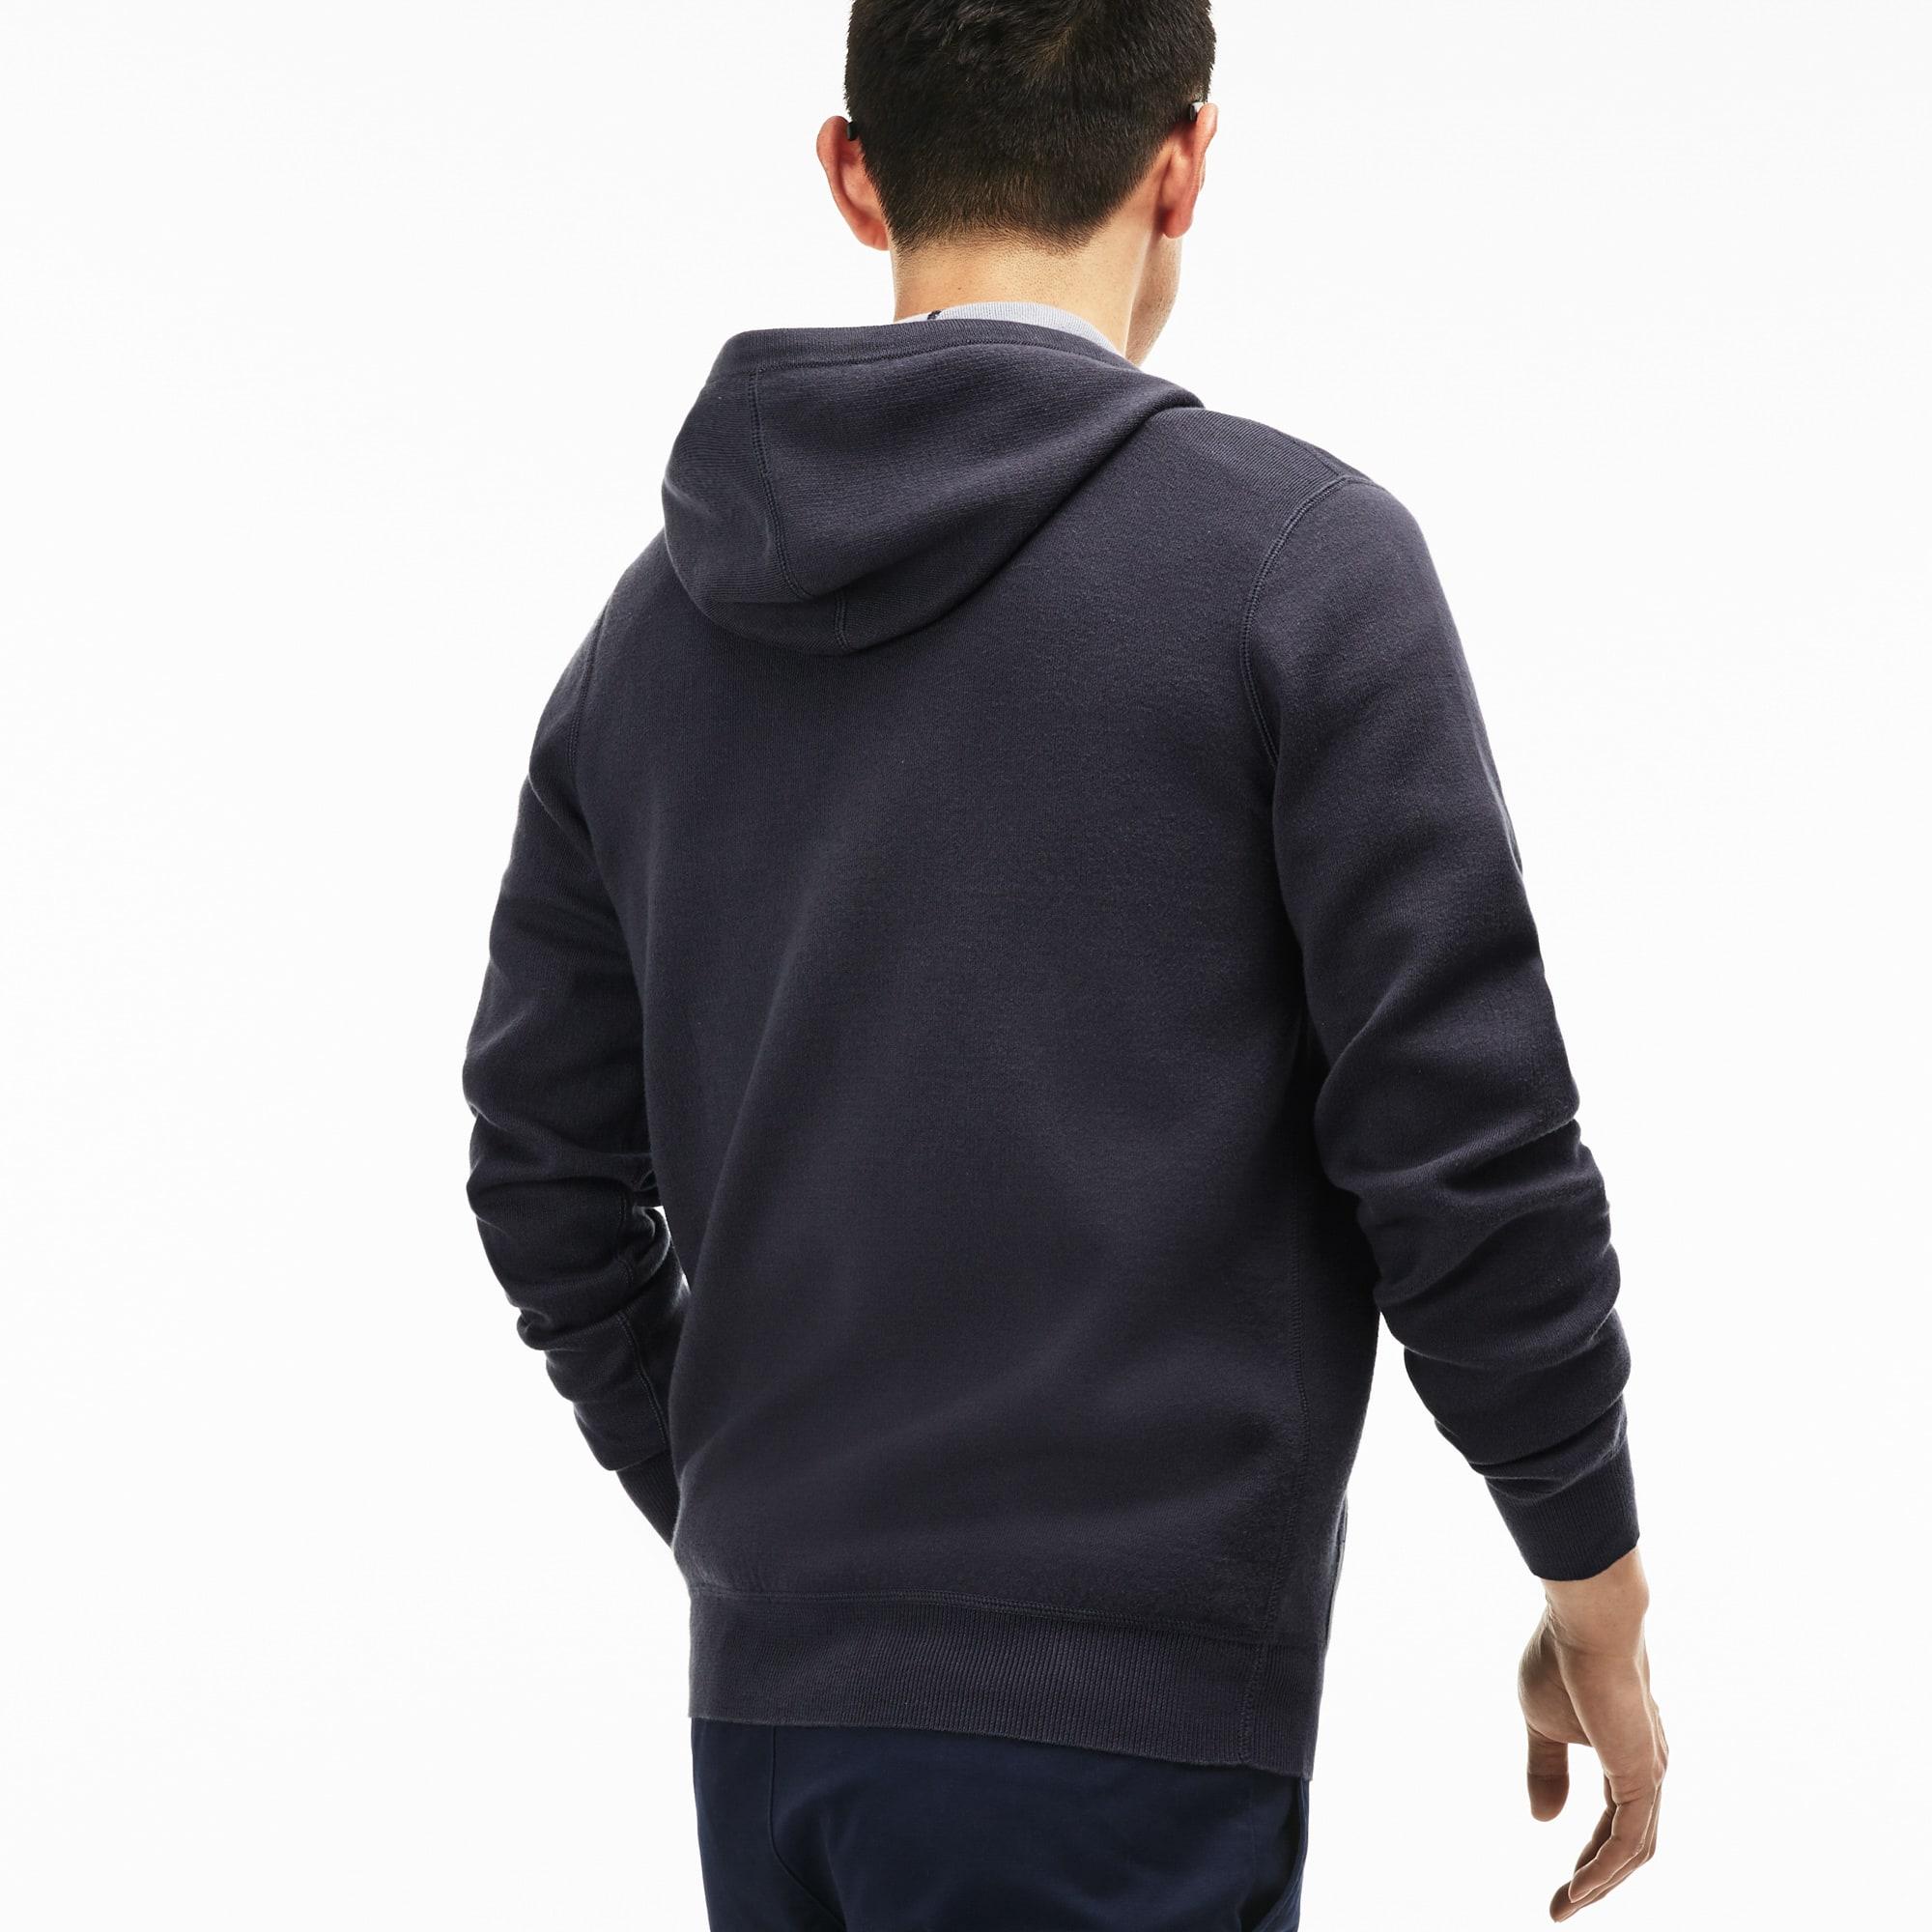 En Zippé À Sweatshirt Coton Capuche UniLacoste KTl1uFcJ3